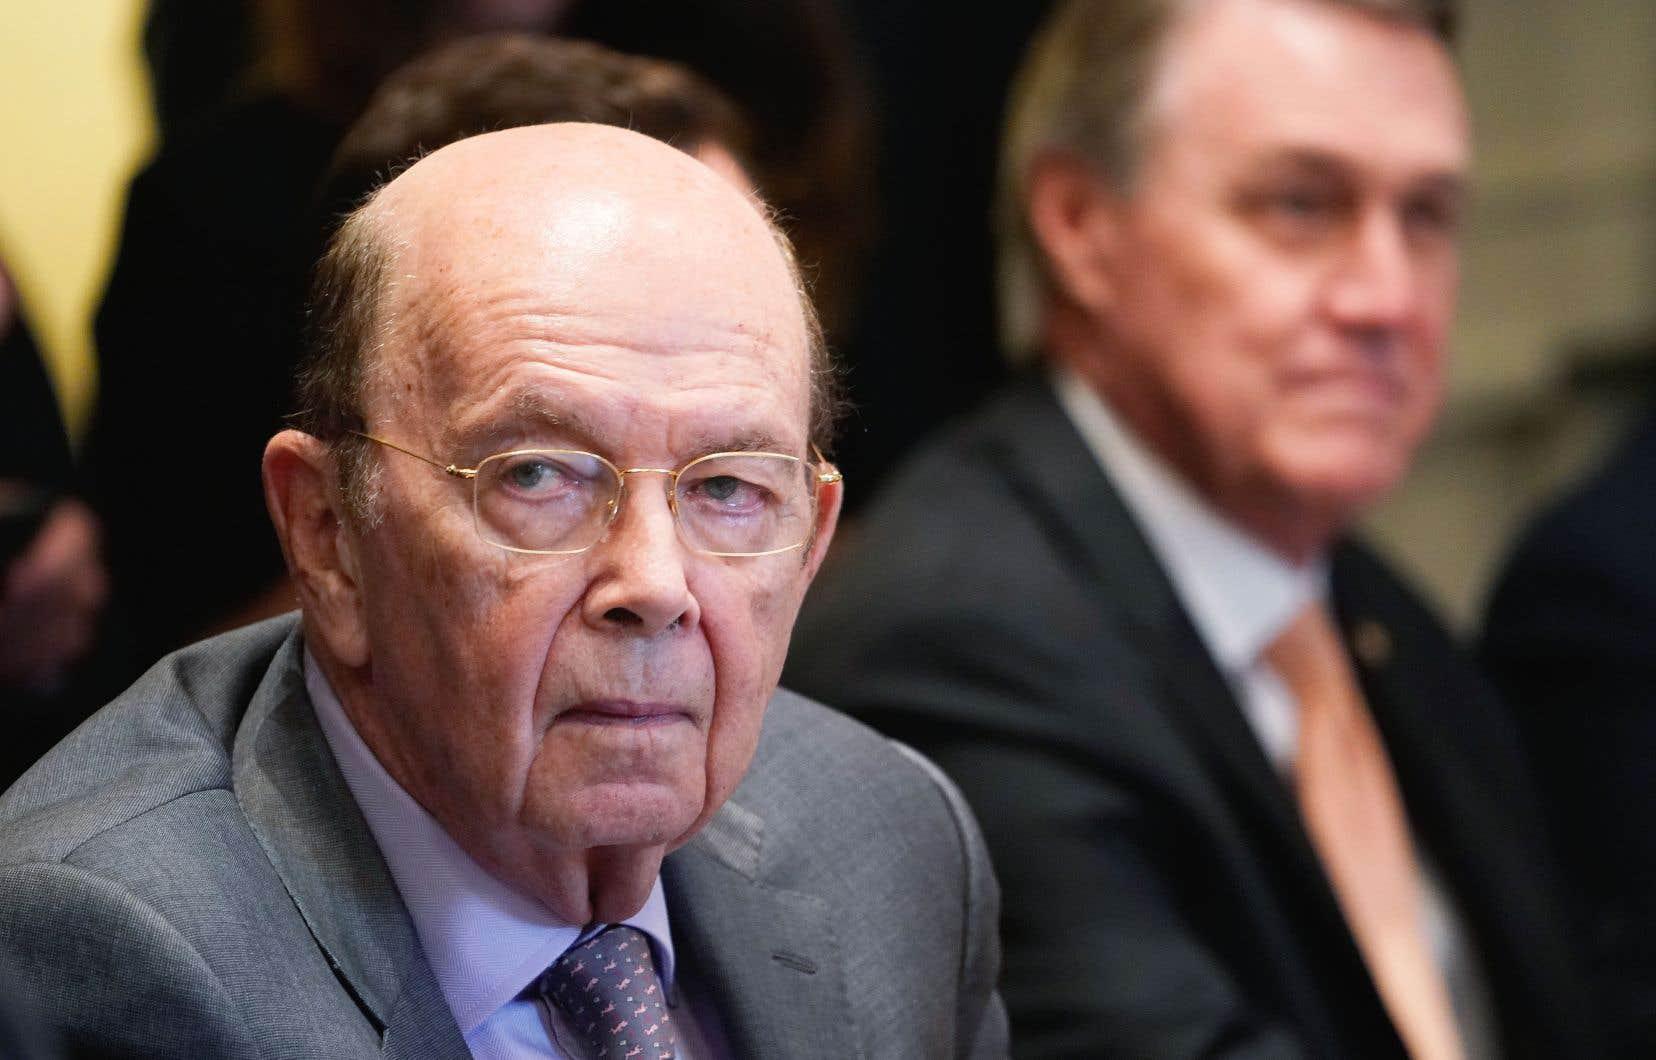 Le secrétaire américain au Commerce,Wilbur Ross, s'est efforcé de relayer le message du président Trump devant des sénateurs en colère.